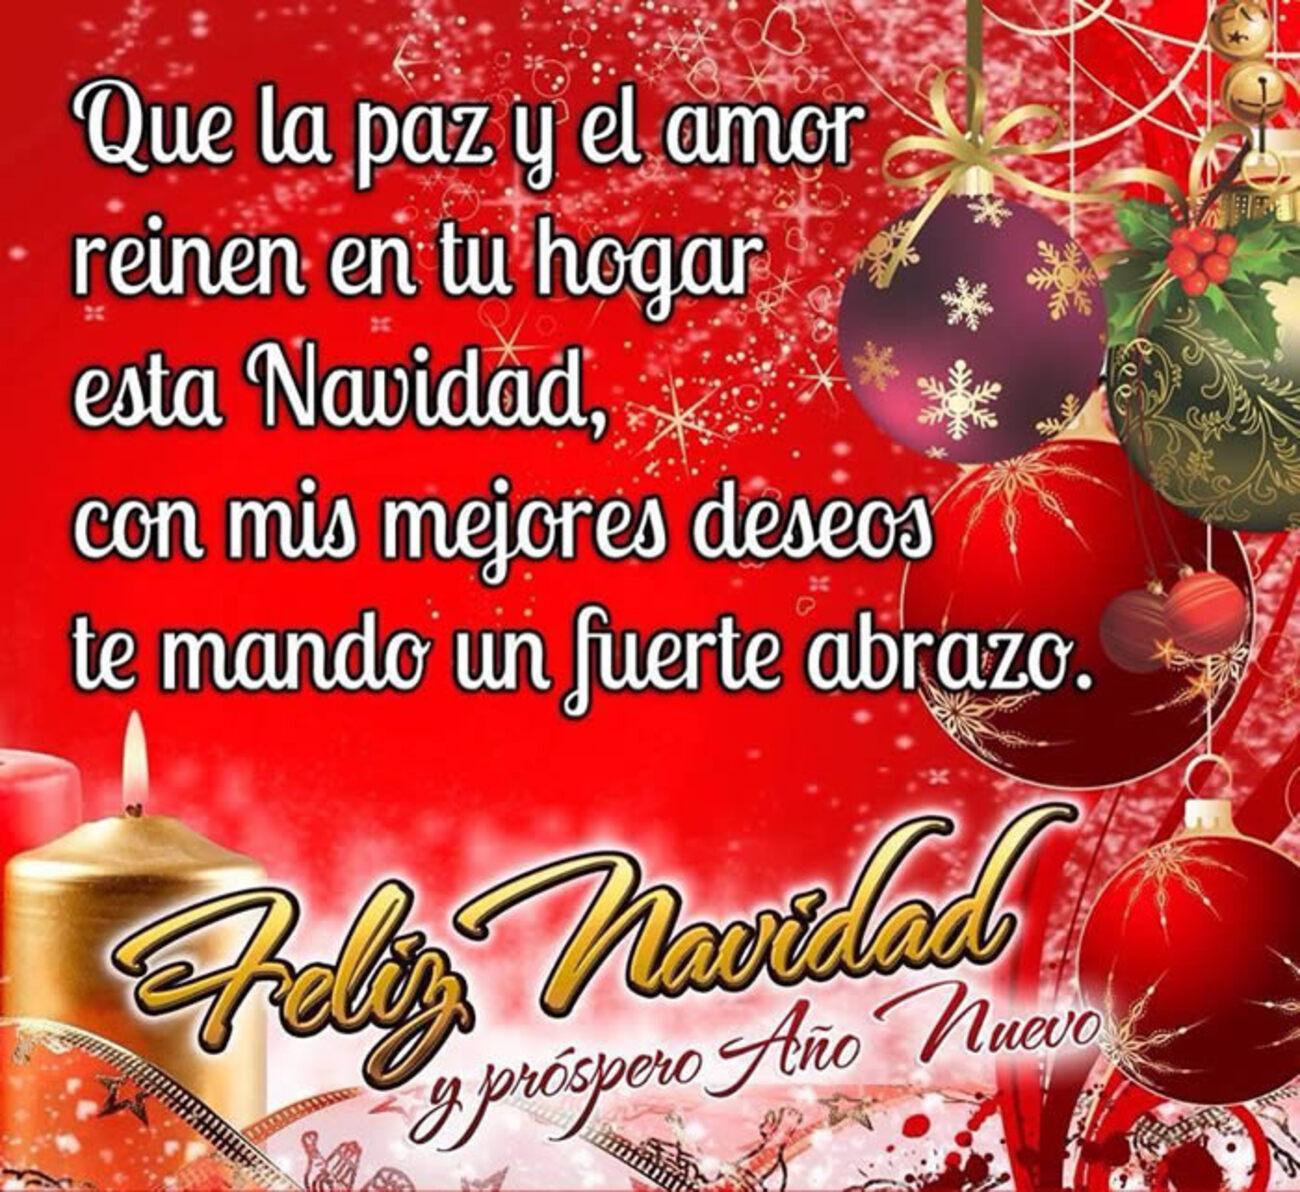 Que la paz y el amor reinen en tu hogar esta navidad, con mis mejores deseos te mando un fuerte abrazo. Feliz Navidad y próspero año nuevo.